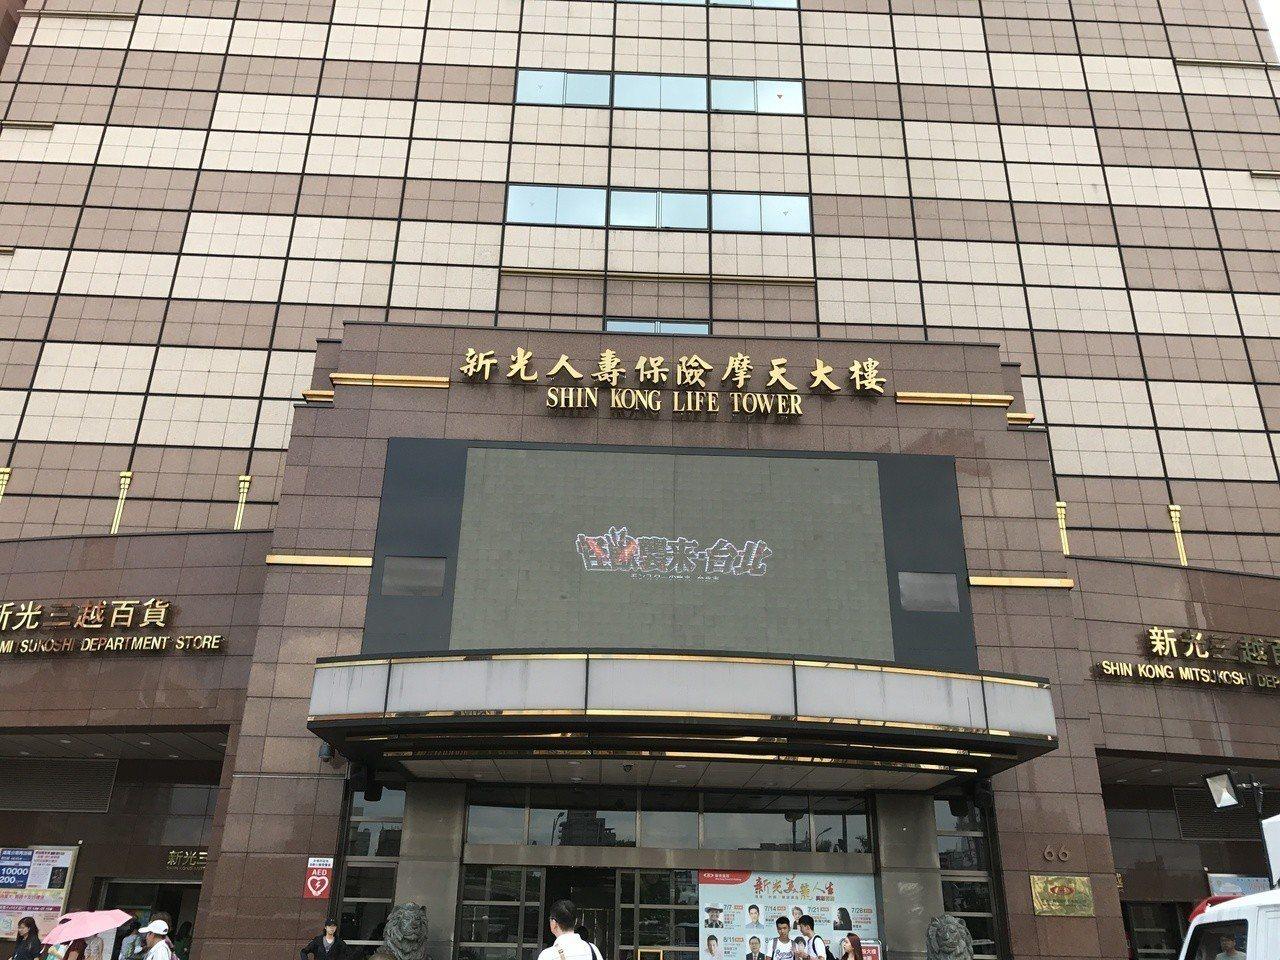 新光金明(29)日將舉行第4季法說,據了解,目前仍擔任金控發言人的李紀珠仍將會出...